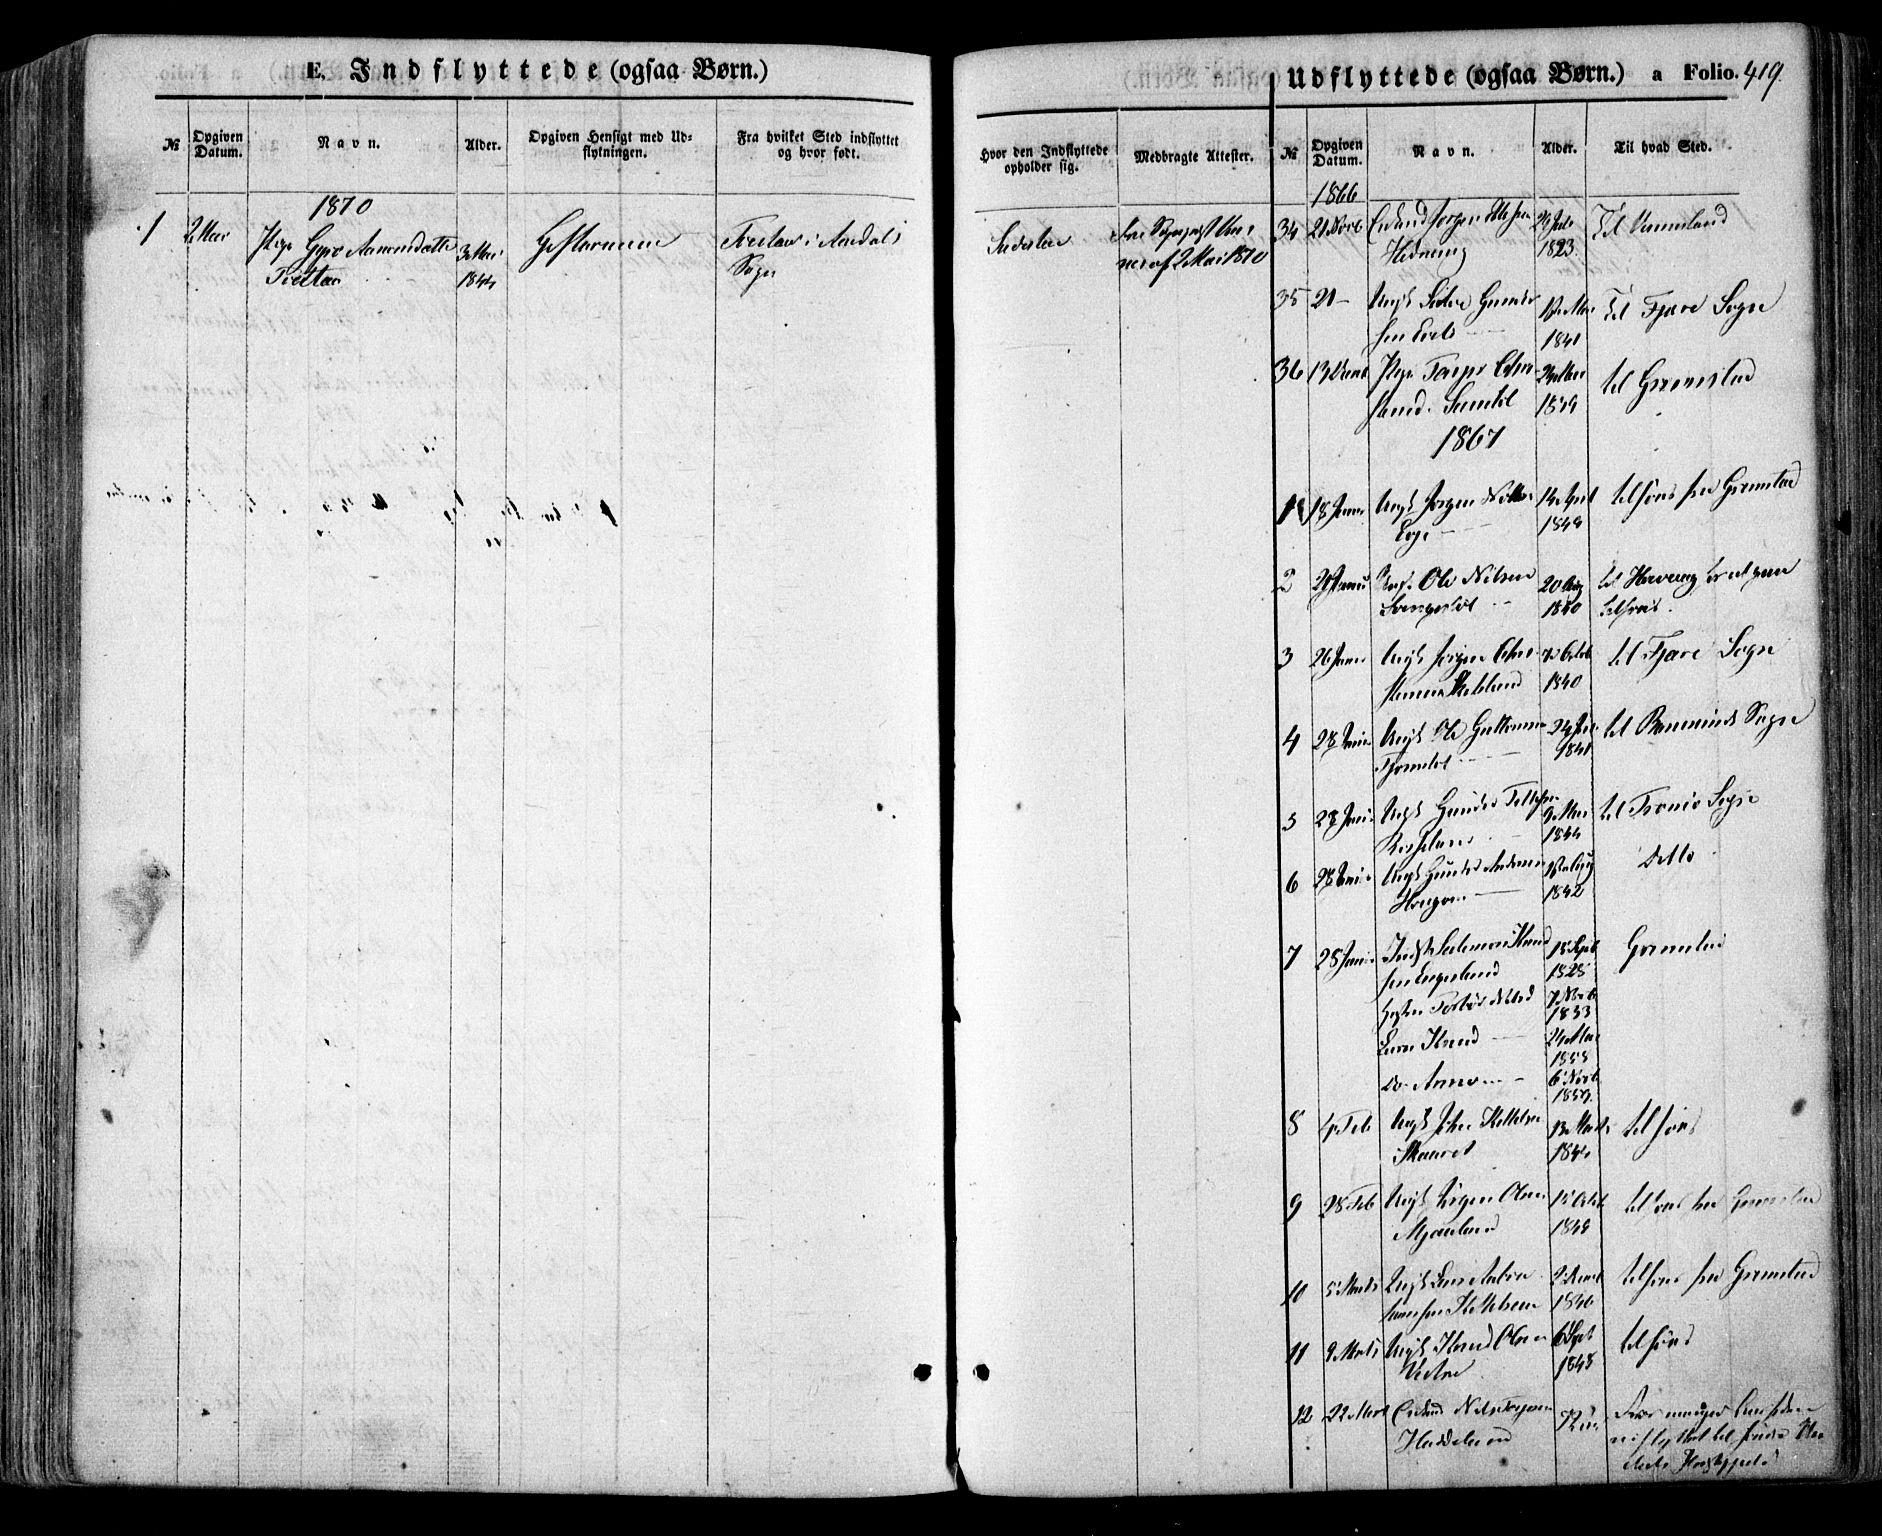 SAK, Evje sokneprestkontor, F/Fa/Faa/L0006: Ministerialbok nr. A 6, 1866-1884, s. 419